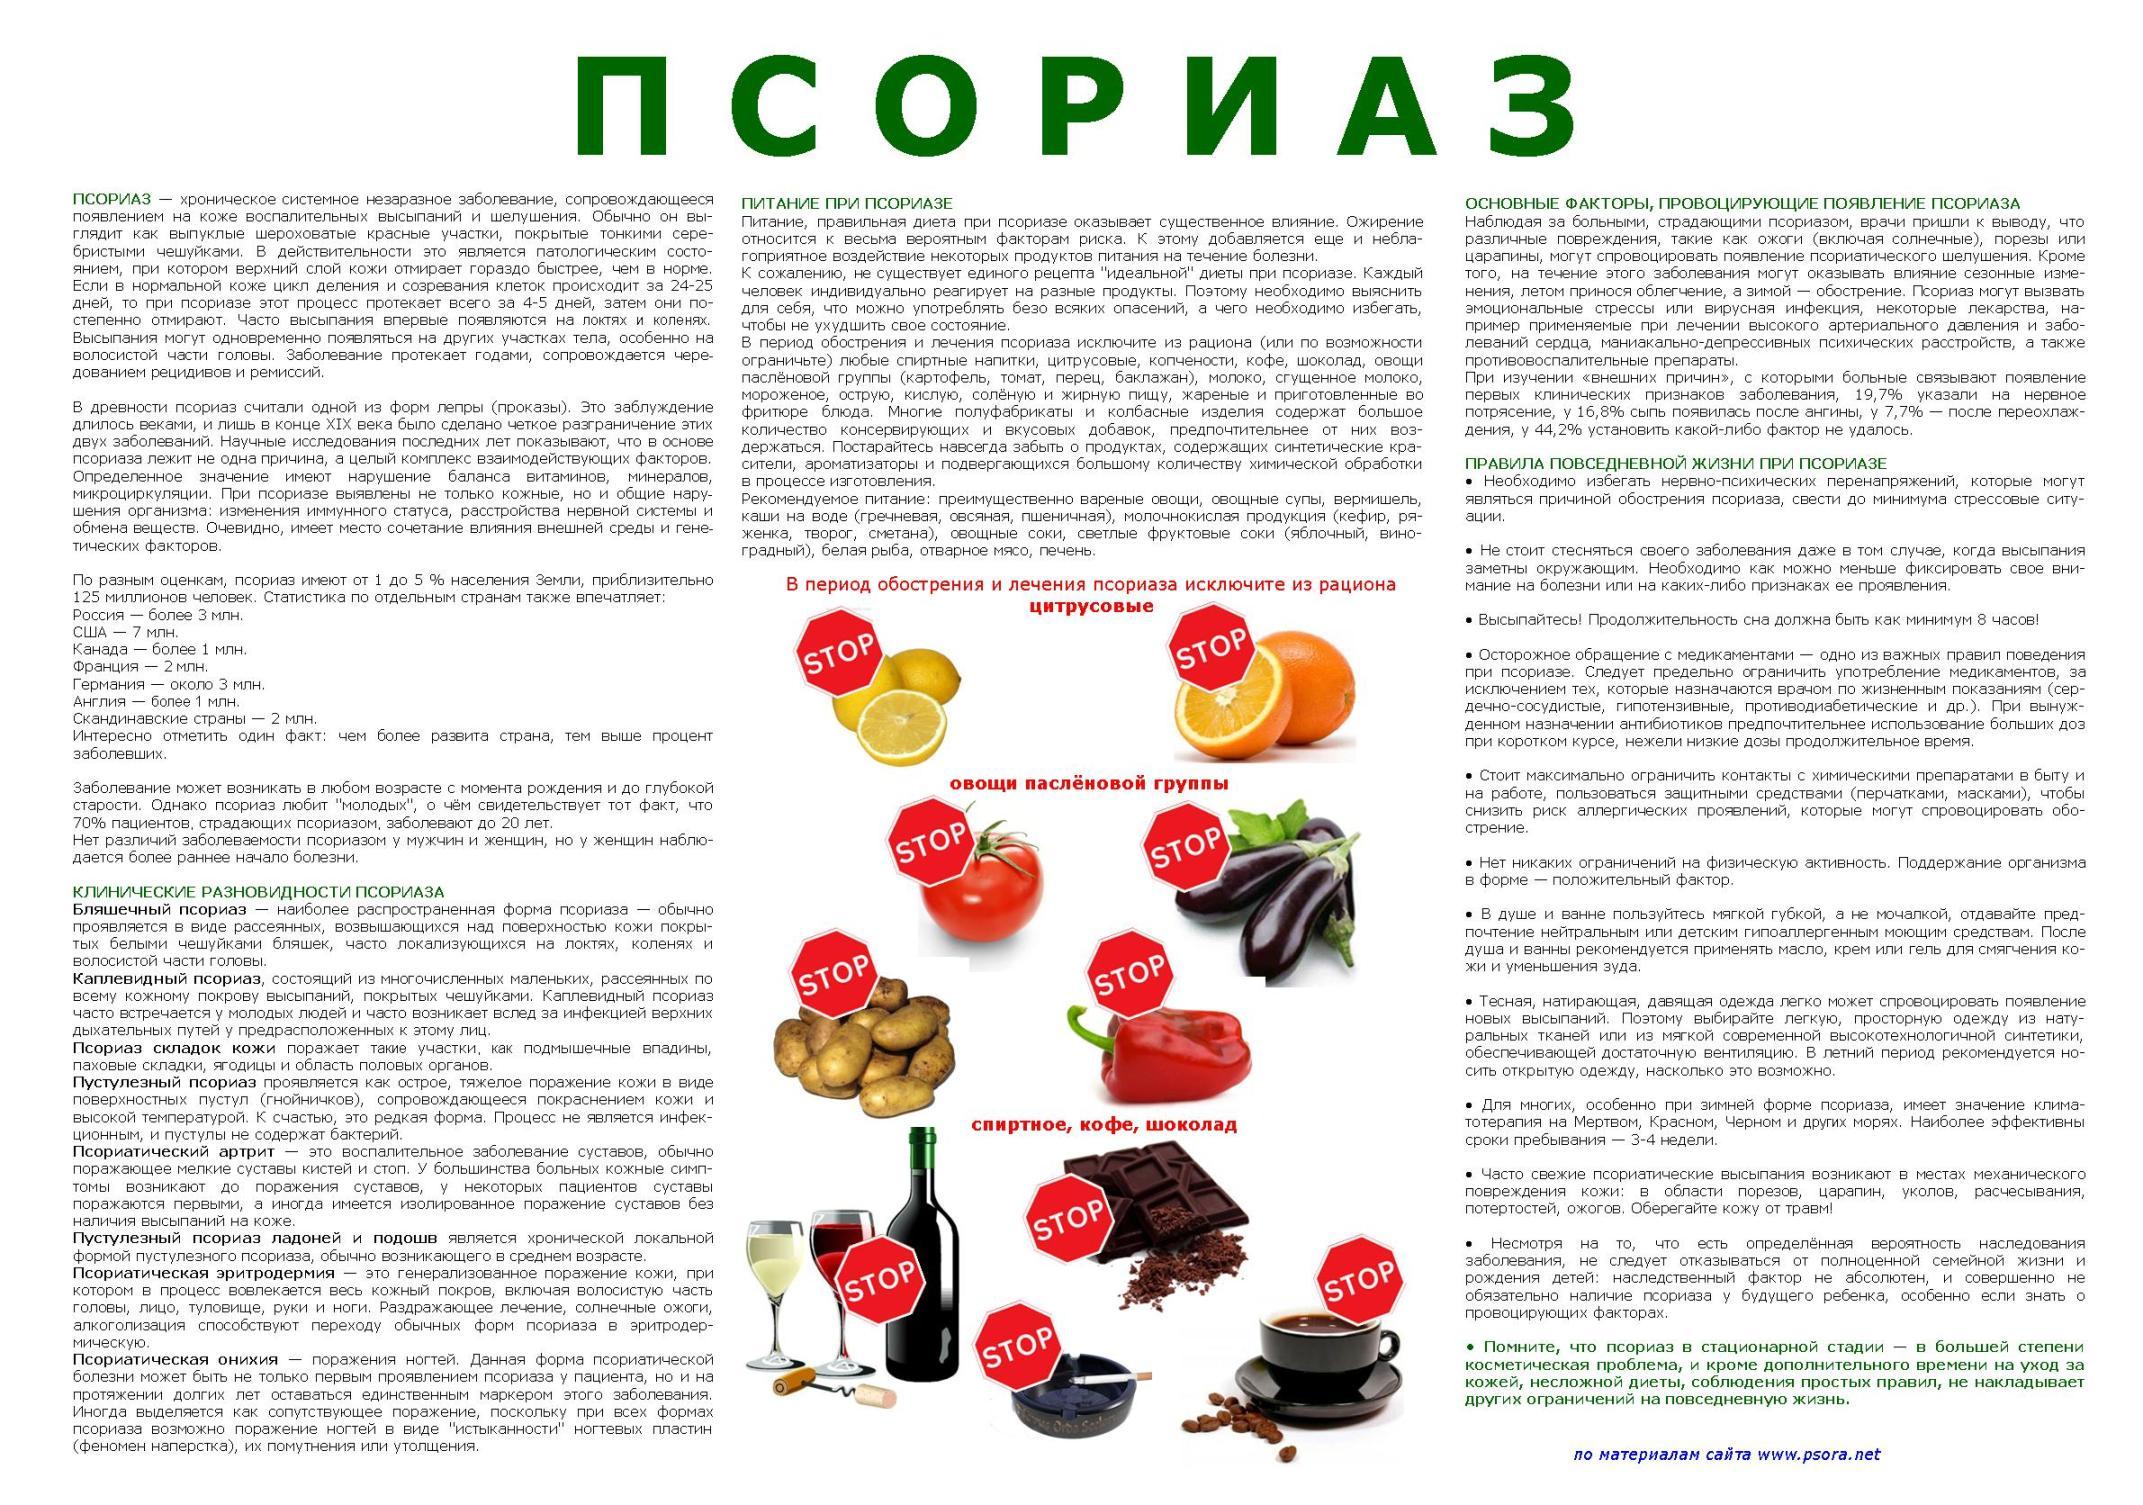 Диета и продукты при псориазе